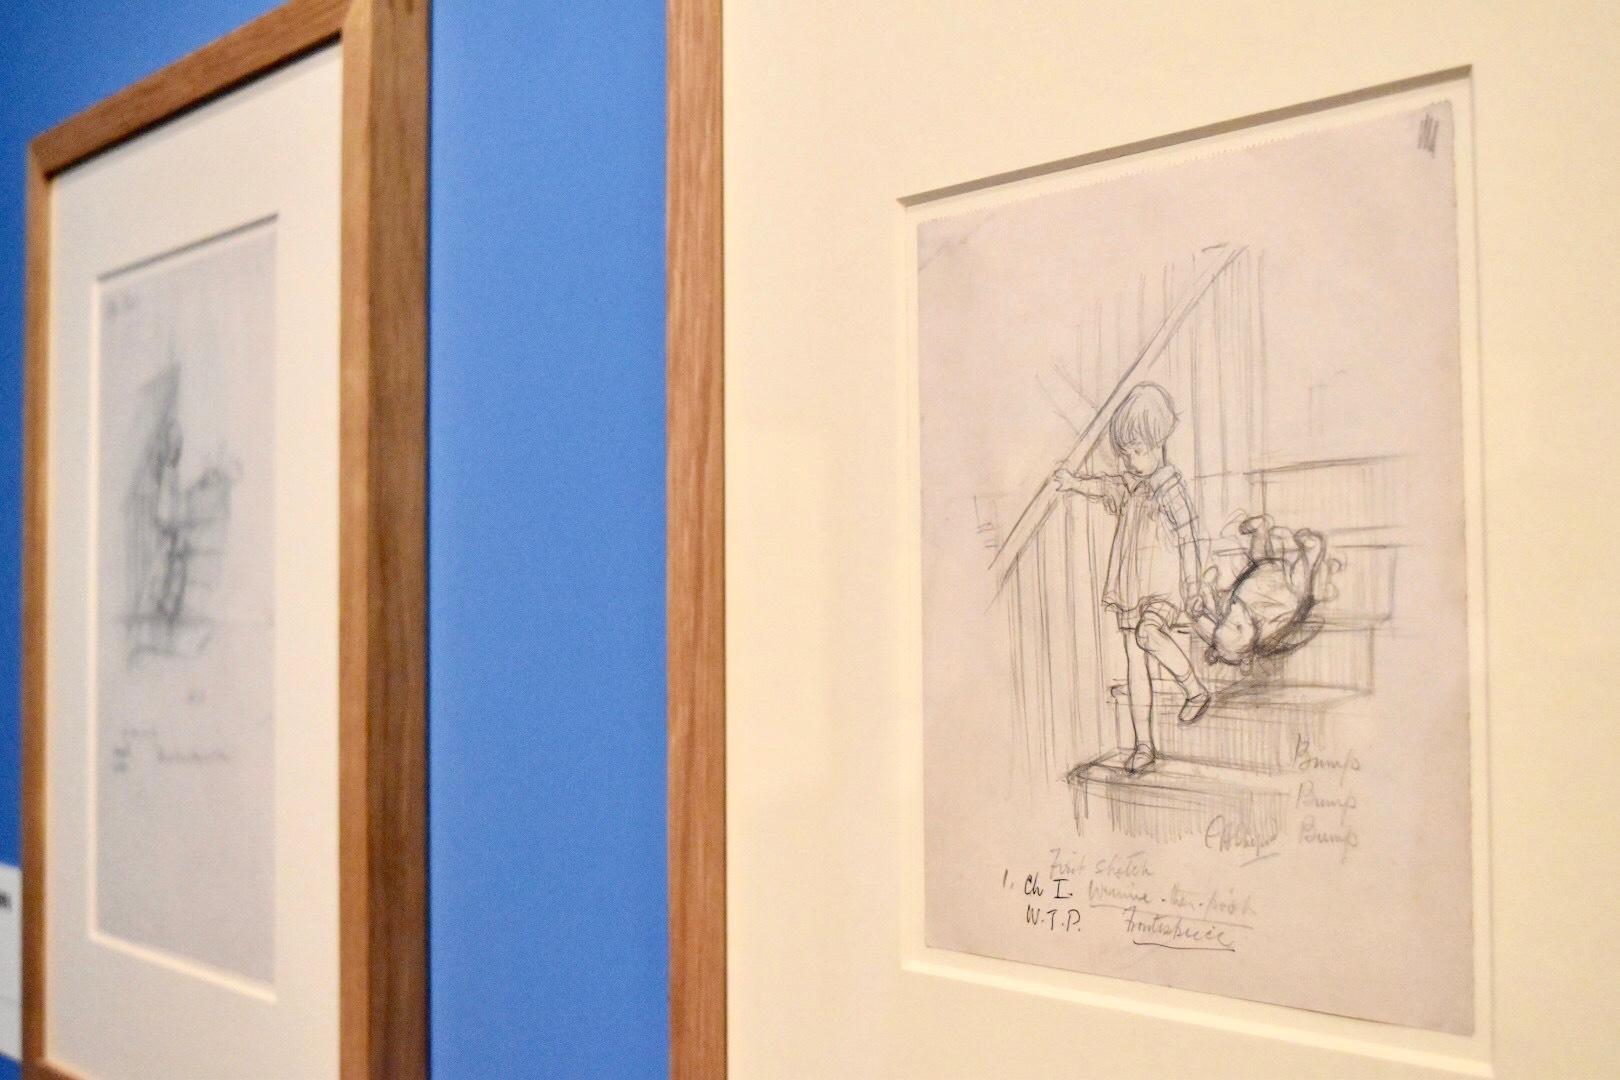 右:E.H.シェパード バタン、バタン、バタン(最初のスケッチ)『クマのプーさん』1章、口絵 1926年 ヴィクトリア・アンド・アルバート博物館所蔵